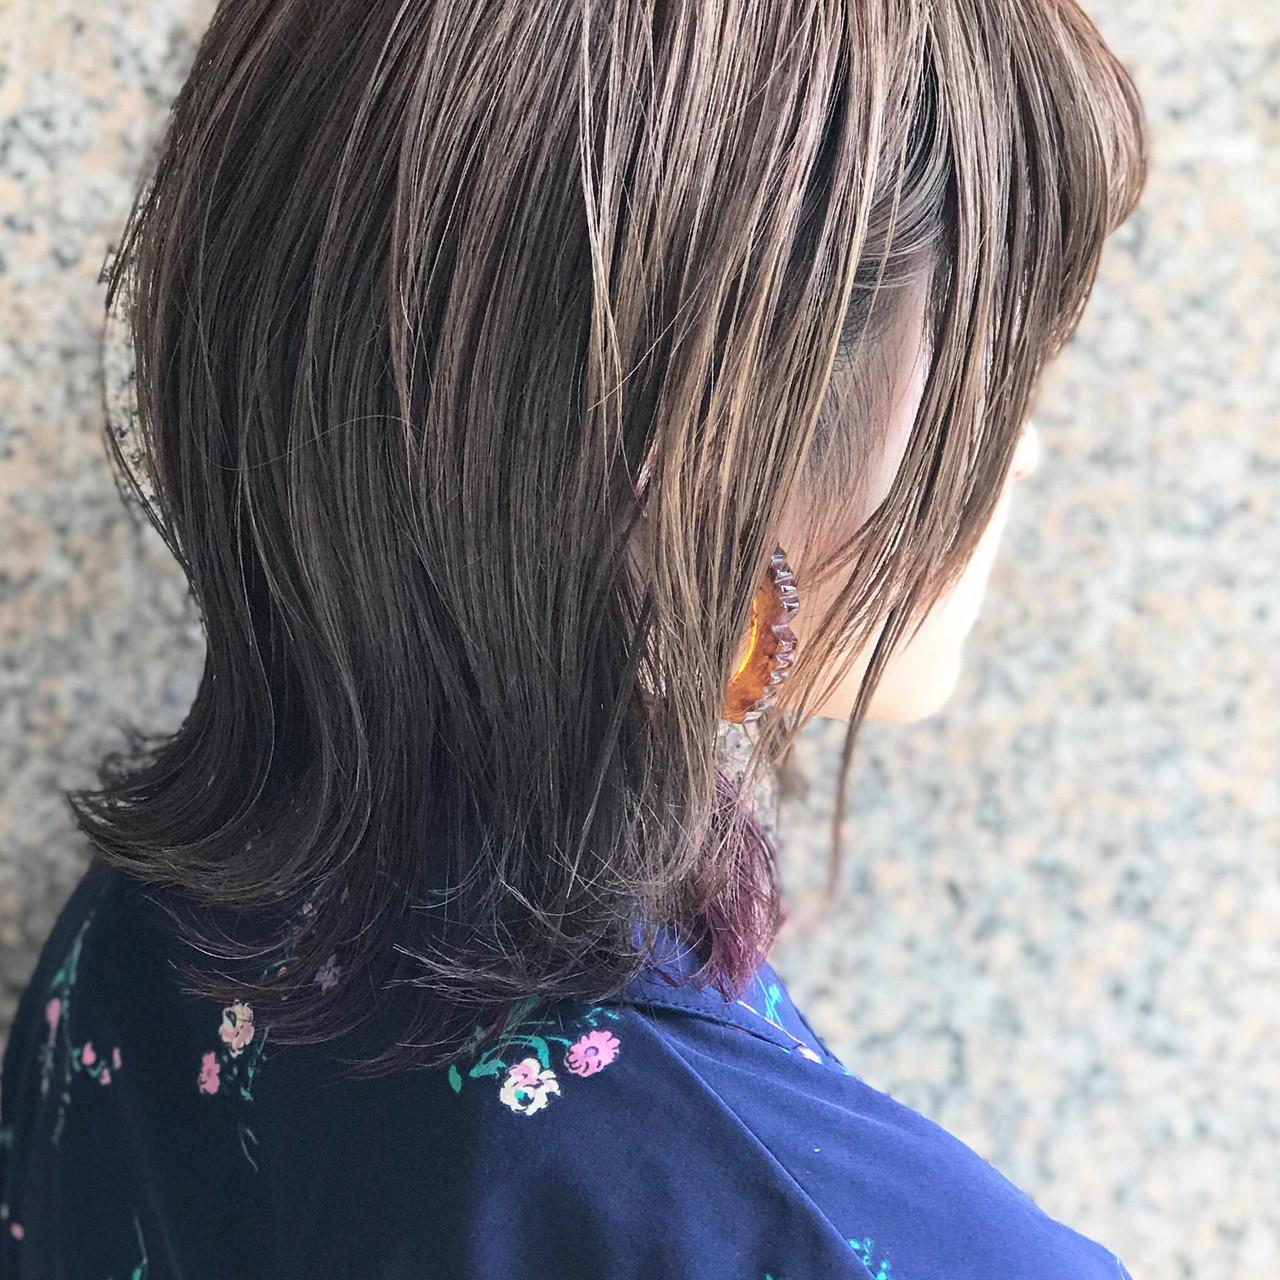 ヌーディーベージュ 縮毛矯正ストカール 小顔 大人かわいい ヘアスタイルや髪型の写真・画像